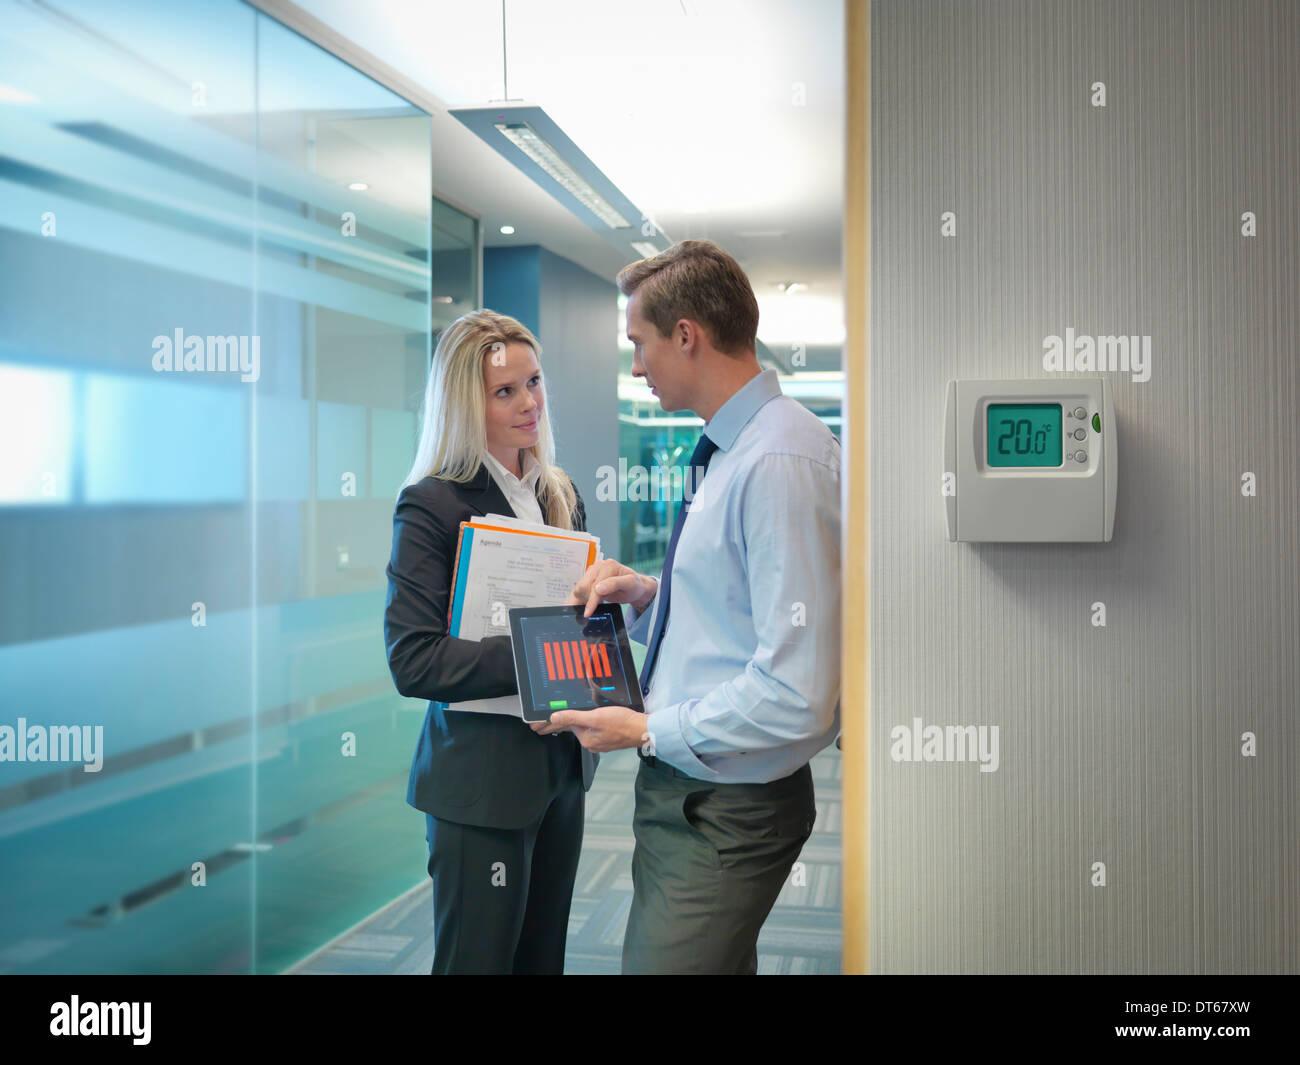 Gli impiegati azienda digitale compressa e discutere i file office uso di energia Immagini Stock